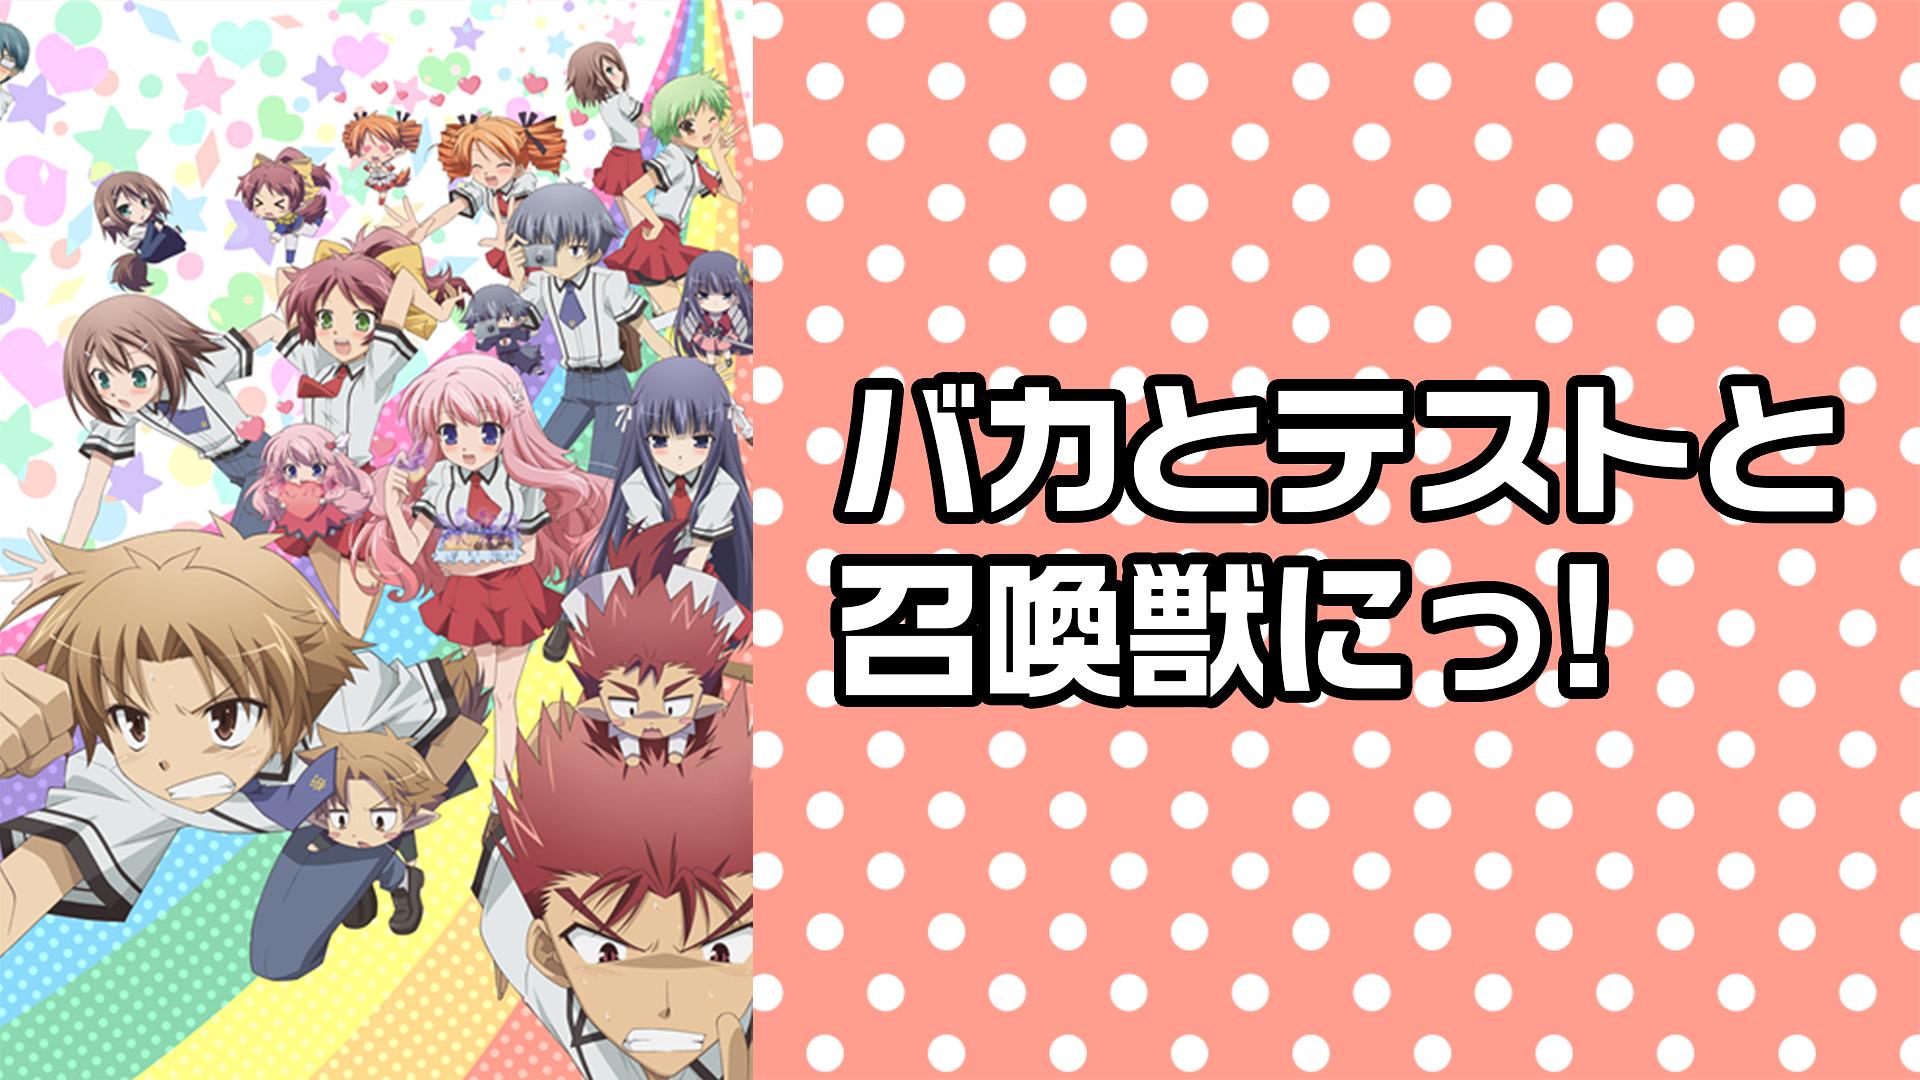 バカとテストと召喚獣にっ アニメ動画見放題 Dアニメストア